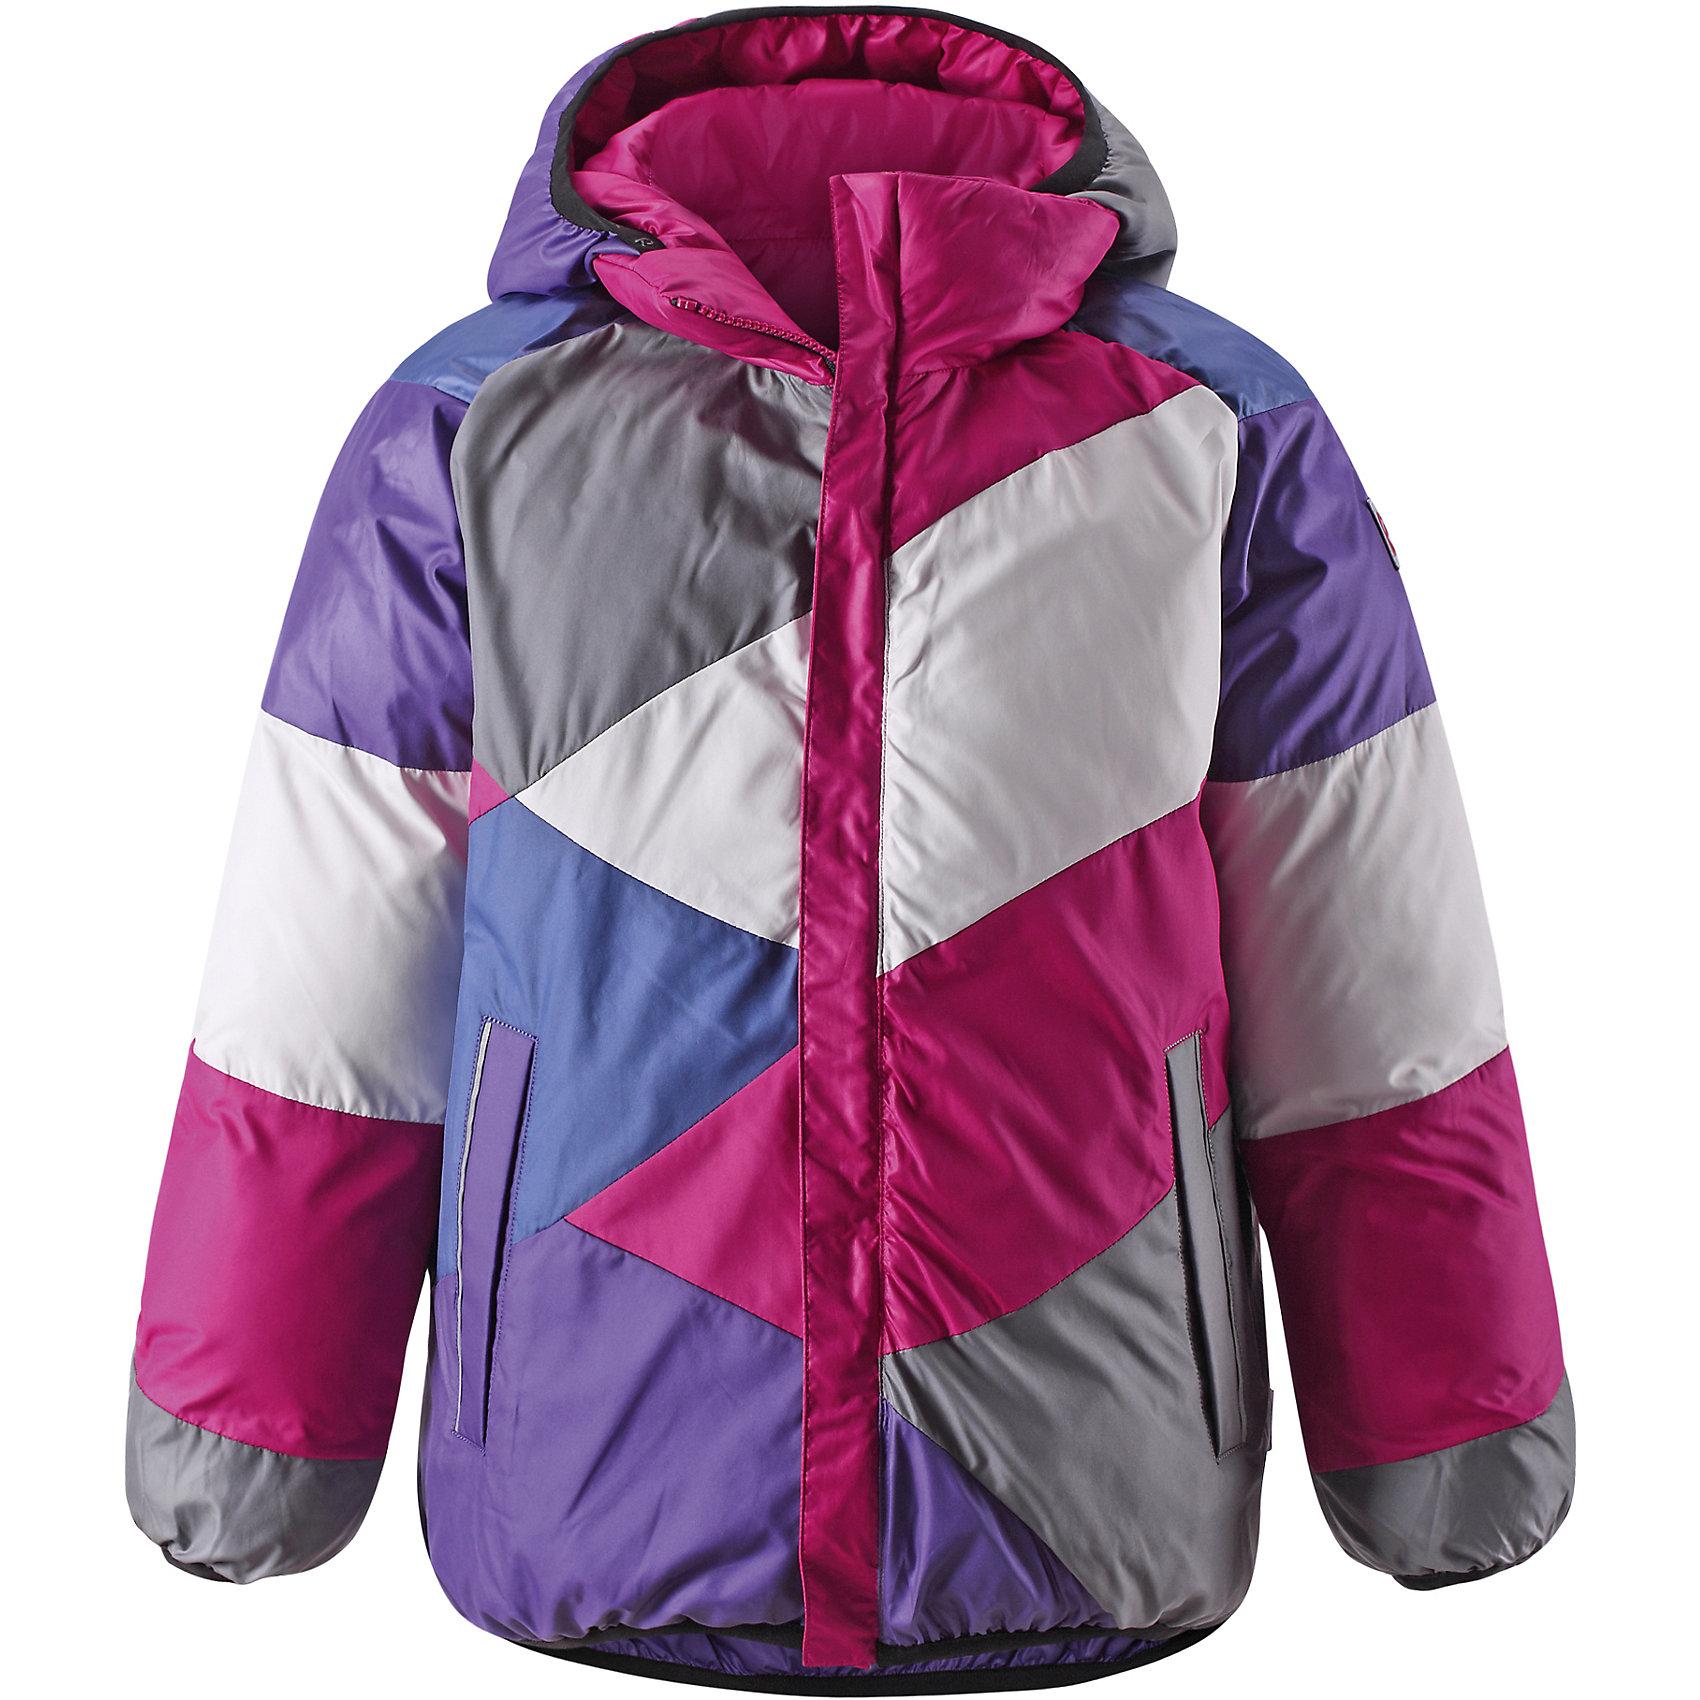 Куртка для девочки ReimaОдежда<br>Двусторонняя куртка для девочки от финской марки Reima.<br><br>Сегодня однотонная, а завтра яркая и разноцветная! Этот весёлый двусторонний пуховик для детей согреет любителей прогулок в морозные зимние деньки! Пошит из ветронепроницаемого и пропускающего воздух материала, который отталкивает грязь и влагу.<br><br>В этом пуховике вашему ребёнку будет сухо и тепло на прогулке. Традиционный пуховик прямого покроя со съёмным капюшоном, который защитит от зимнего ветра. На этой великолепной зимней куртке имеется множество светоотражающих деталей, например, светоотражающие канты на карманах. Съёмный капюшон обеспечивает дополнительную надёжность - если закреплённый кнопками капюшон зацепится за что-нибудь, он легко отстегнётся. Выберите свой любимый цвет среди модных в этом сезоне расцветок!<br>- Двусторонний пуховик для подростков<br>- Одна сторона однотонная, другая - разноцветная<br>- Карманы на молниях<br>- Эластичный кант на манжетах рукавов, по краю капюшона и подола<br>- Безопасный съёмный капюшон<br><br>Состав:<br>100% ПЭ<br><br>Ширина мм: 356<br>Глубина мм: 10<br>Высота мм: 245<br>Вес г: 519<br>Цвет: розовый<br>Возраст от месяцев: 72<br>Возраст до месяцев: 84<br>Пол: Женский<br>Возраст: Детский<br>Размер: 122,110,146,134,152,128,116,140<br>SKU: 4869703